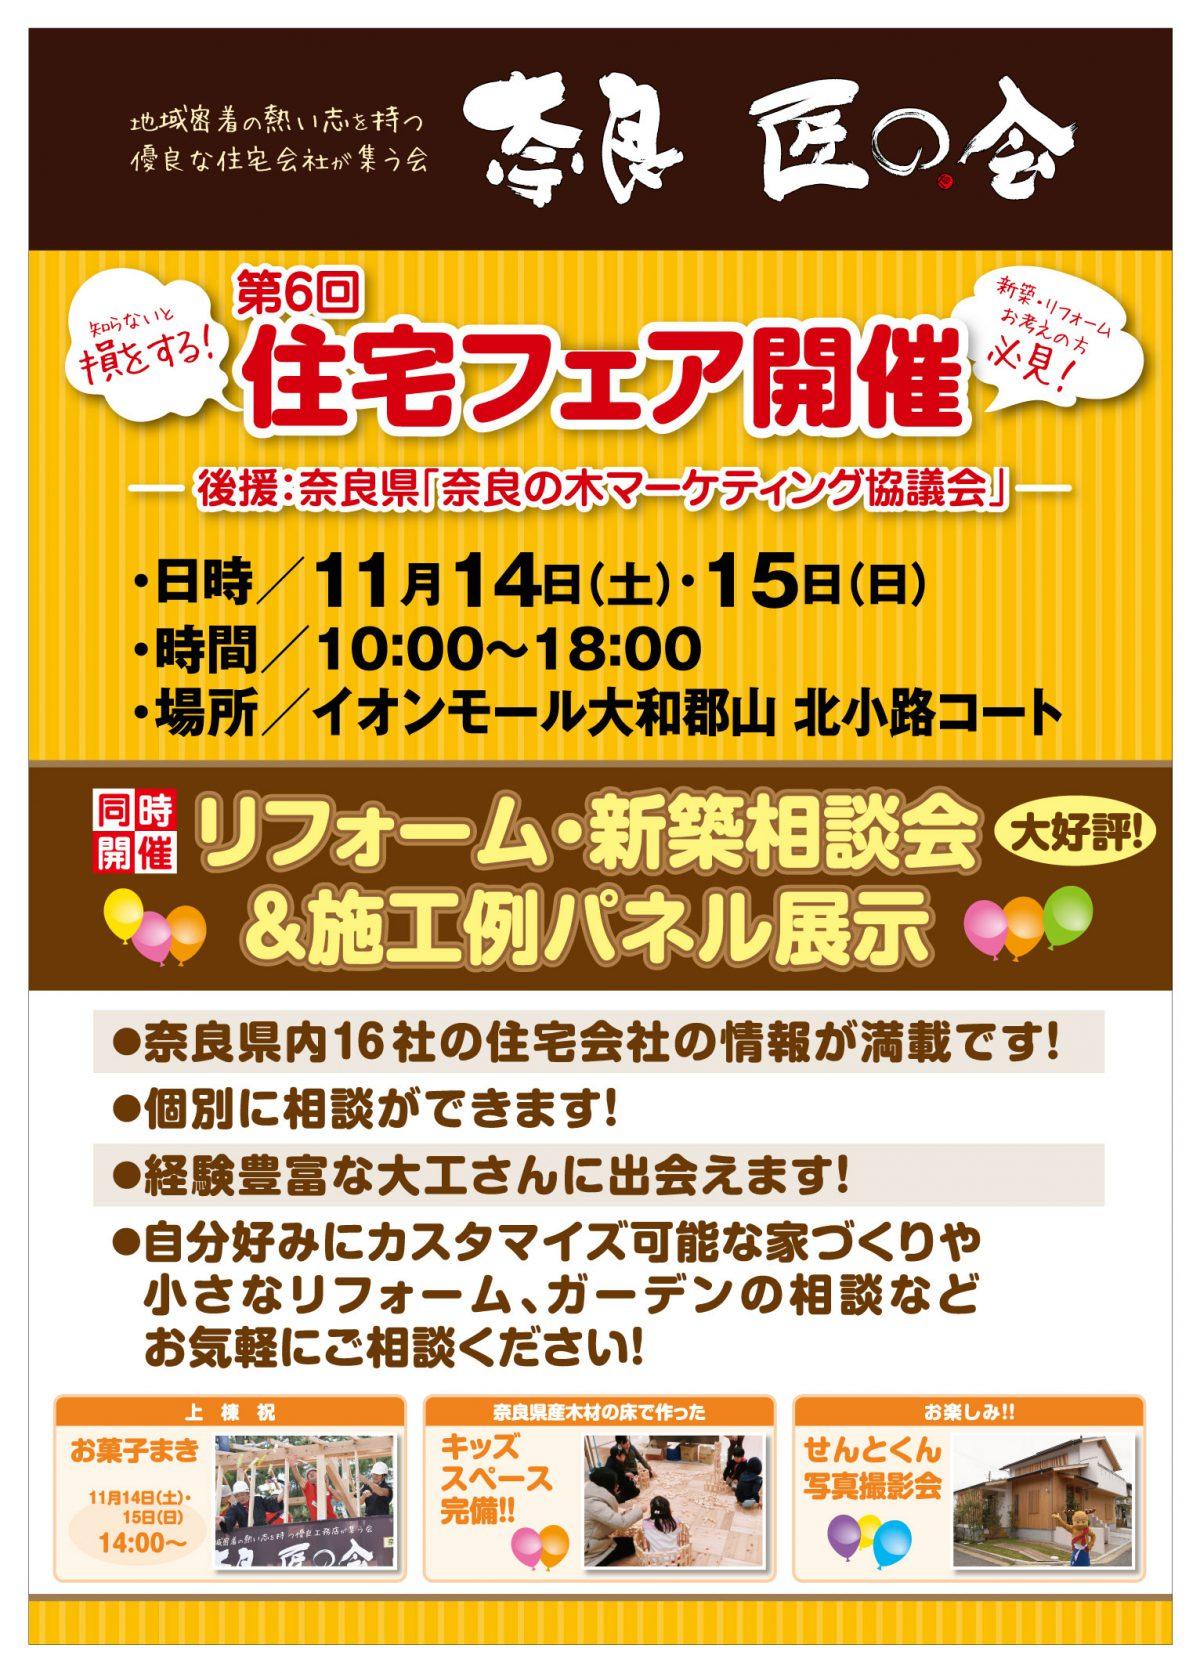 「奈良匠の会 第6回 住宅フェア」に参加しました。